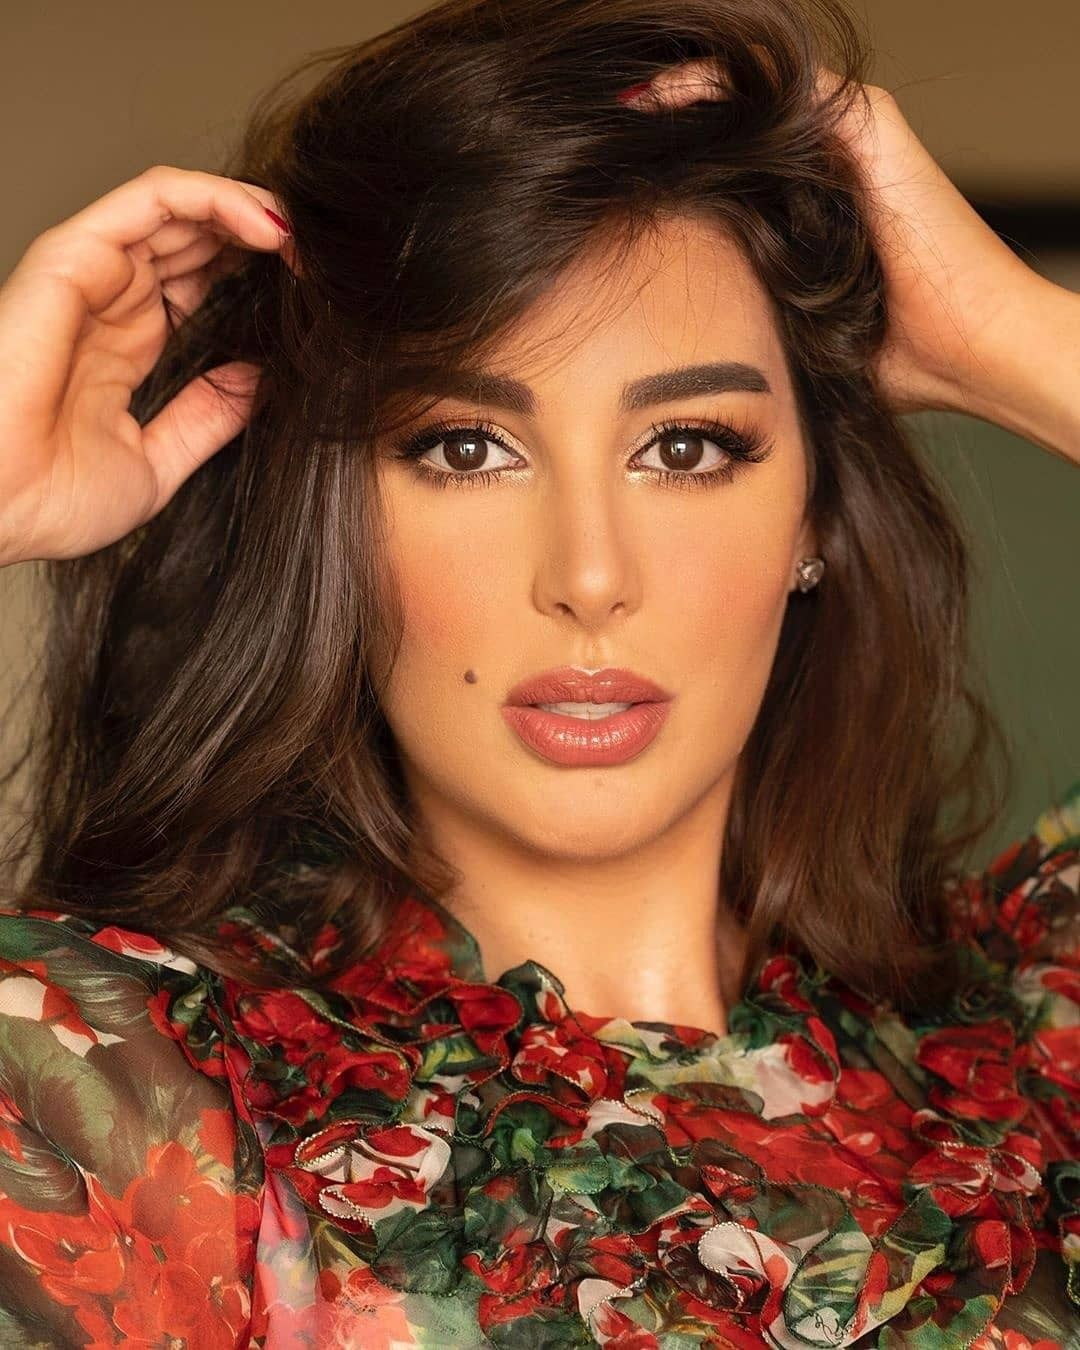 Yasmin Sabry Makeup Beautiful Women Faces Egyptian Actress Instagram Pictures